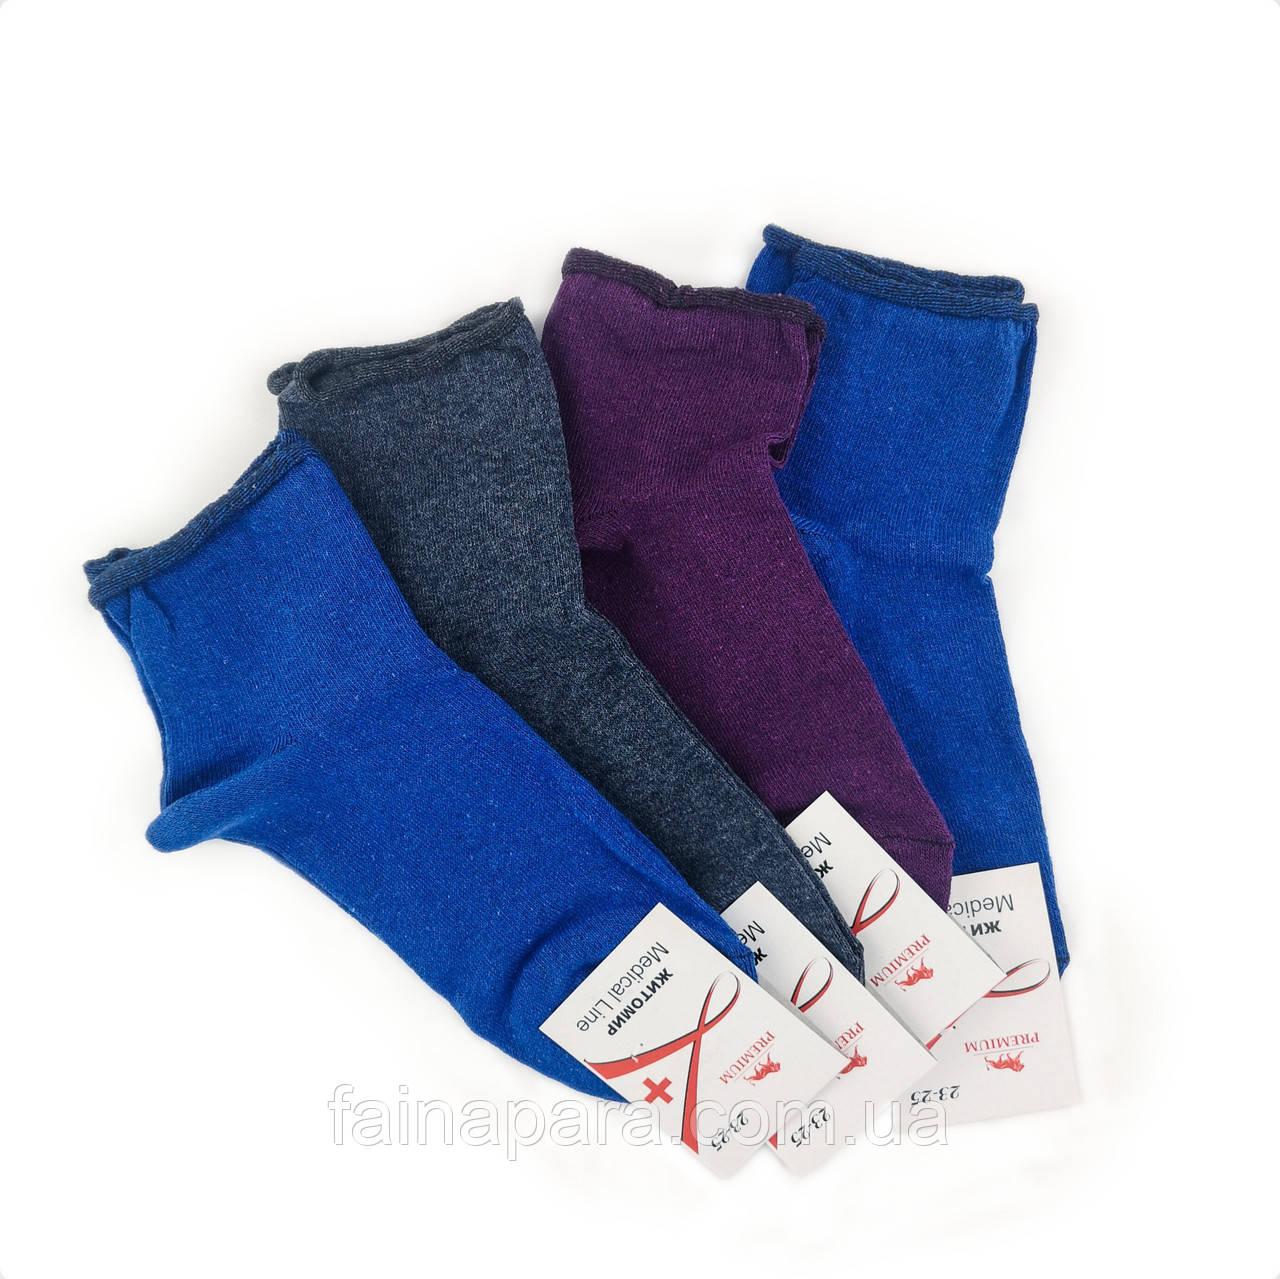 Носки женские однотонные без резинки Житомир